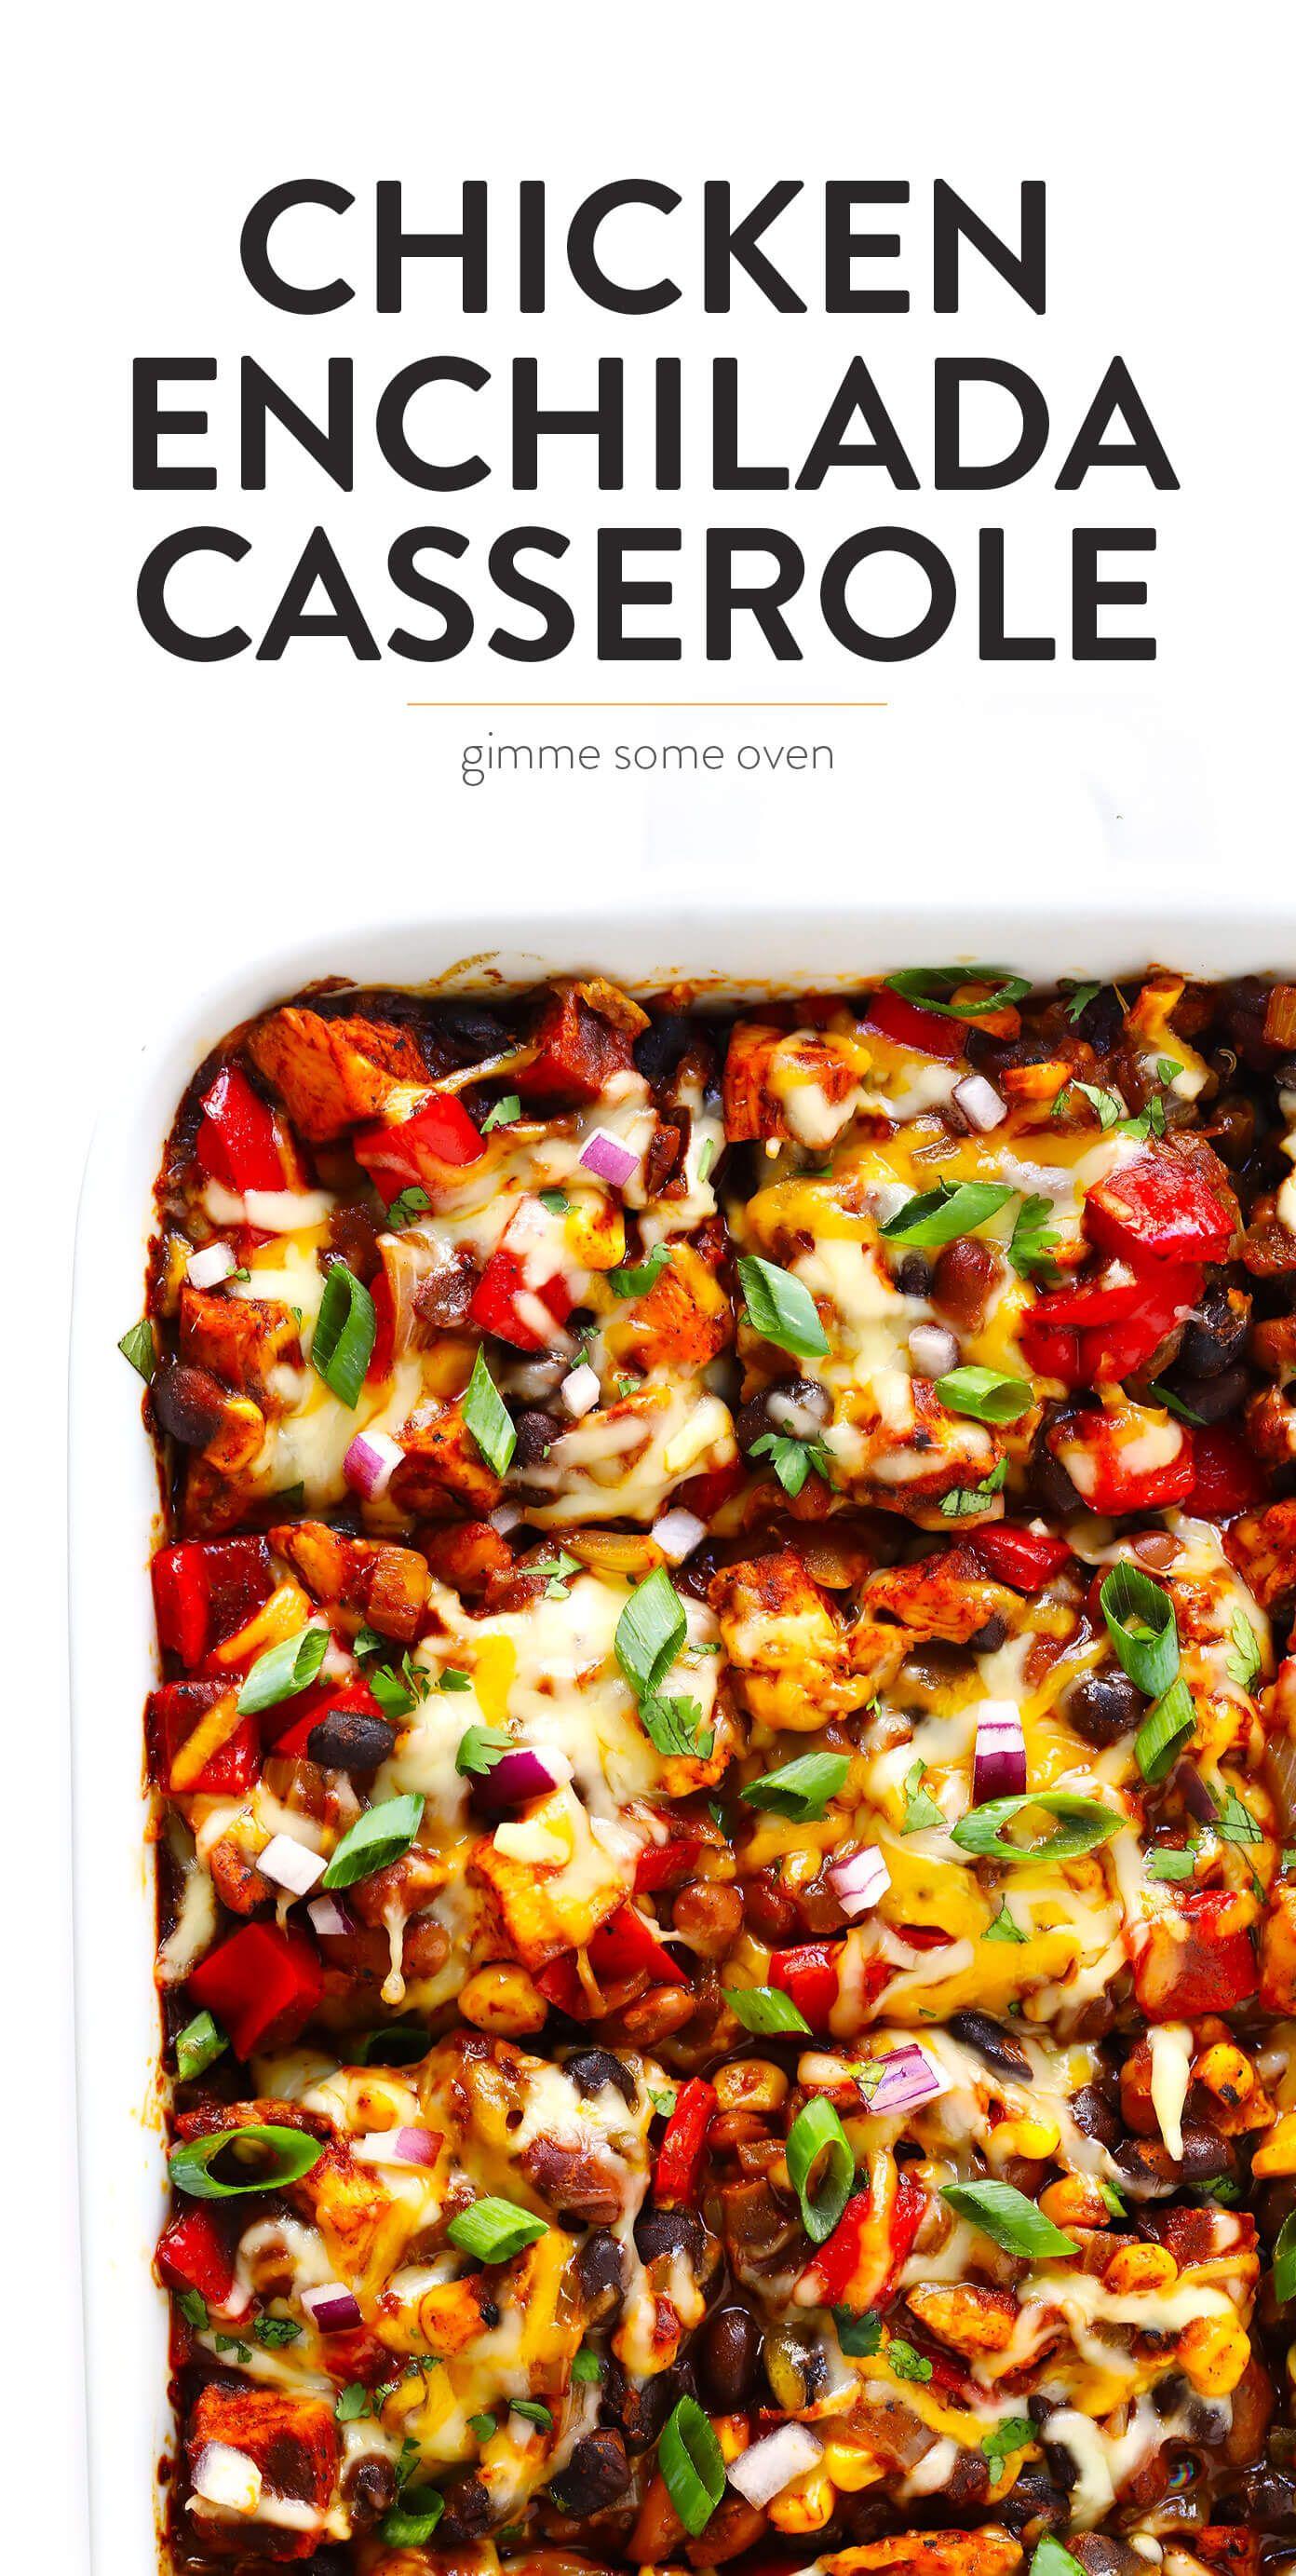 Chicken Enchilada Casserole images